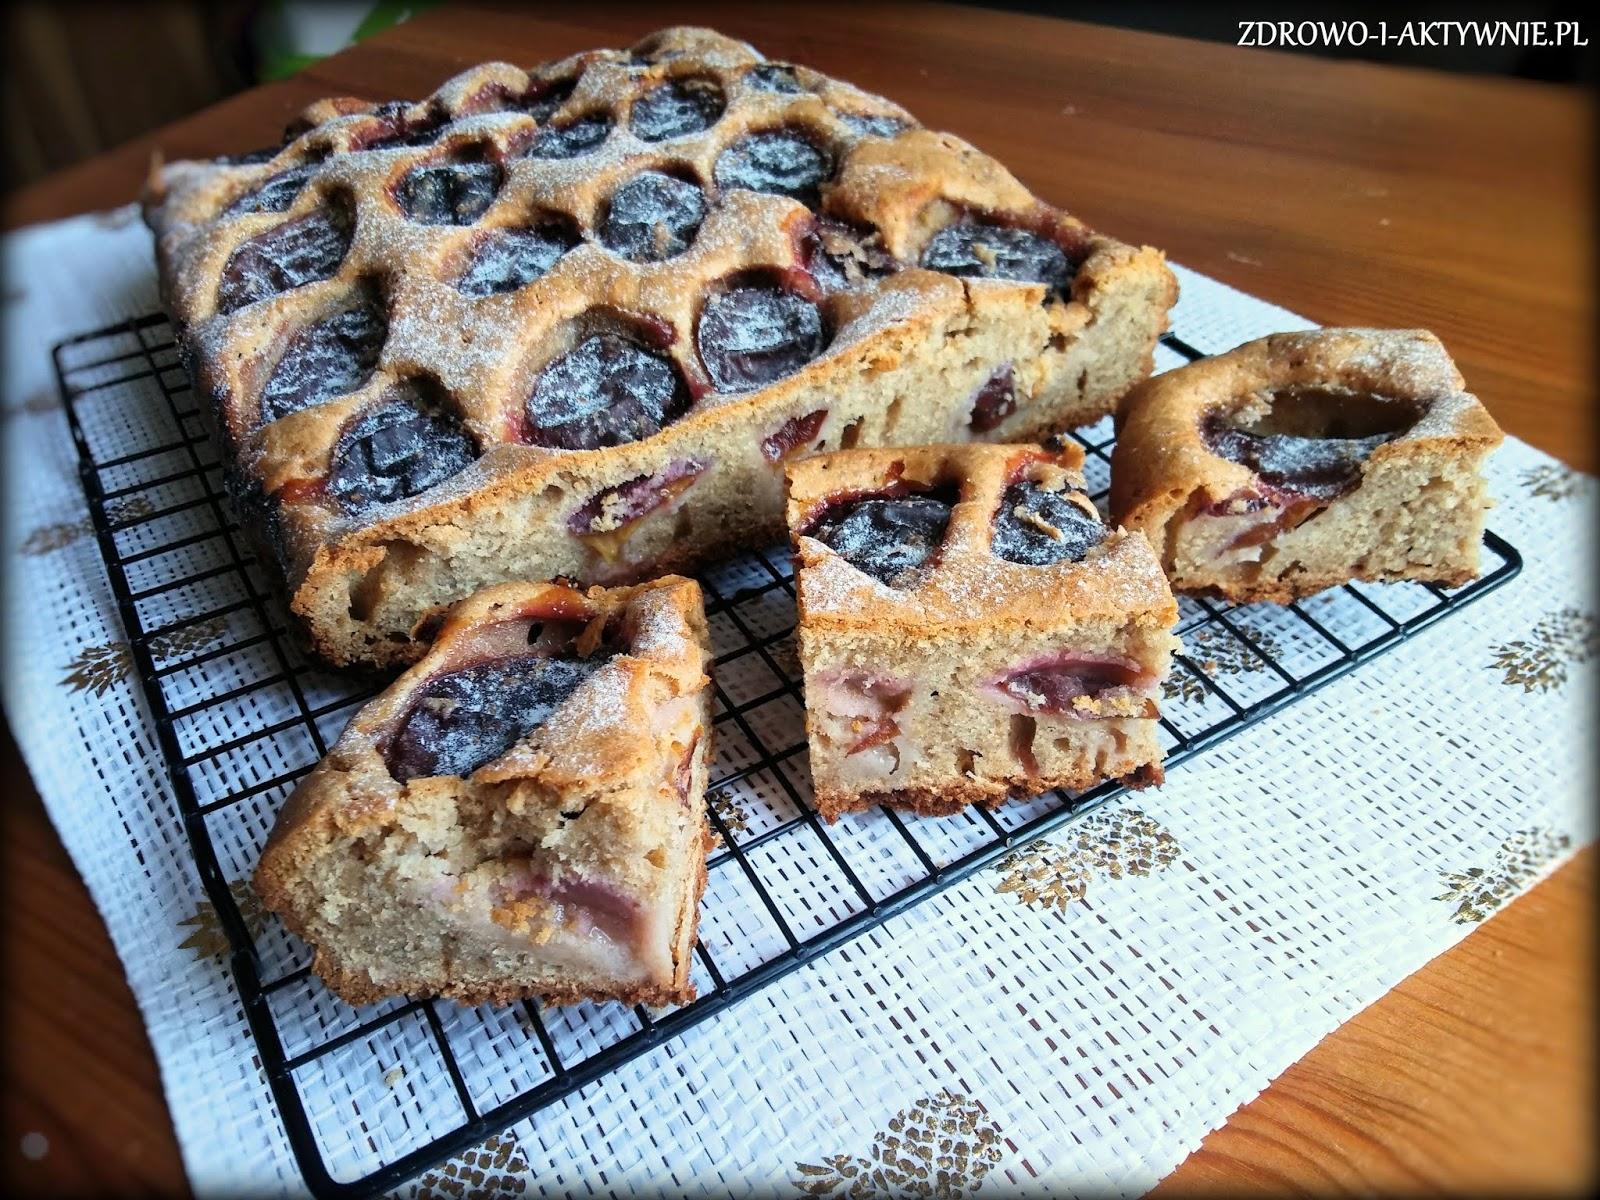 Aromatyczne ciasto ze śliwkami